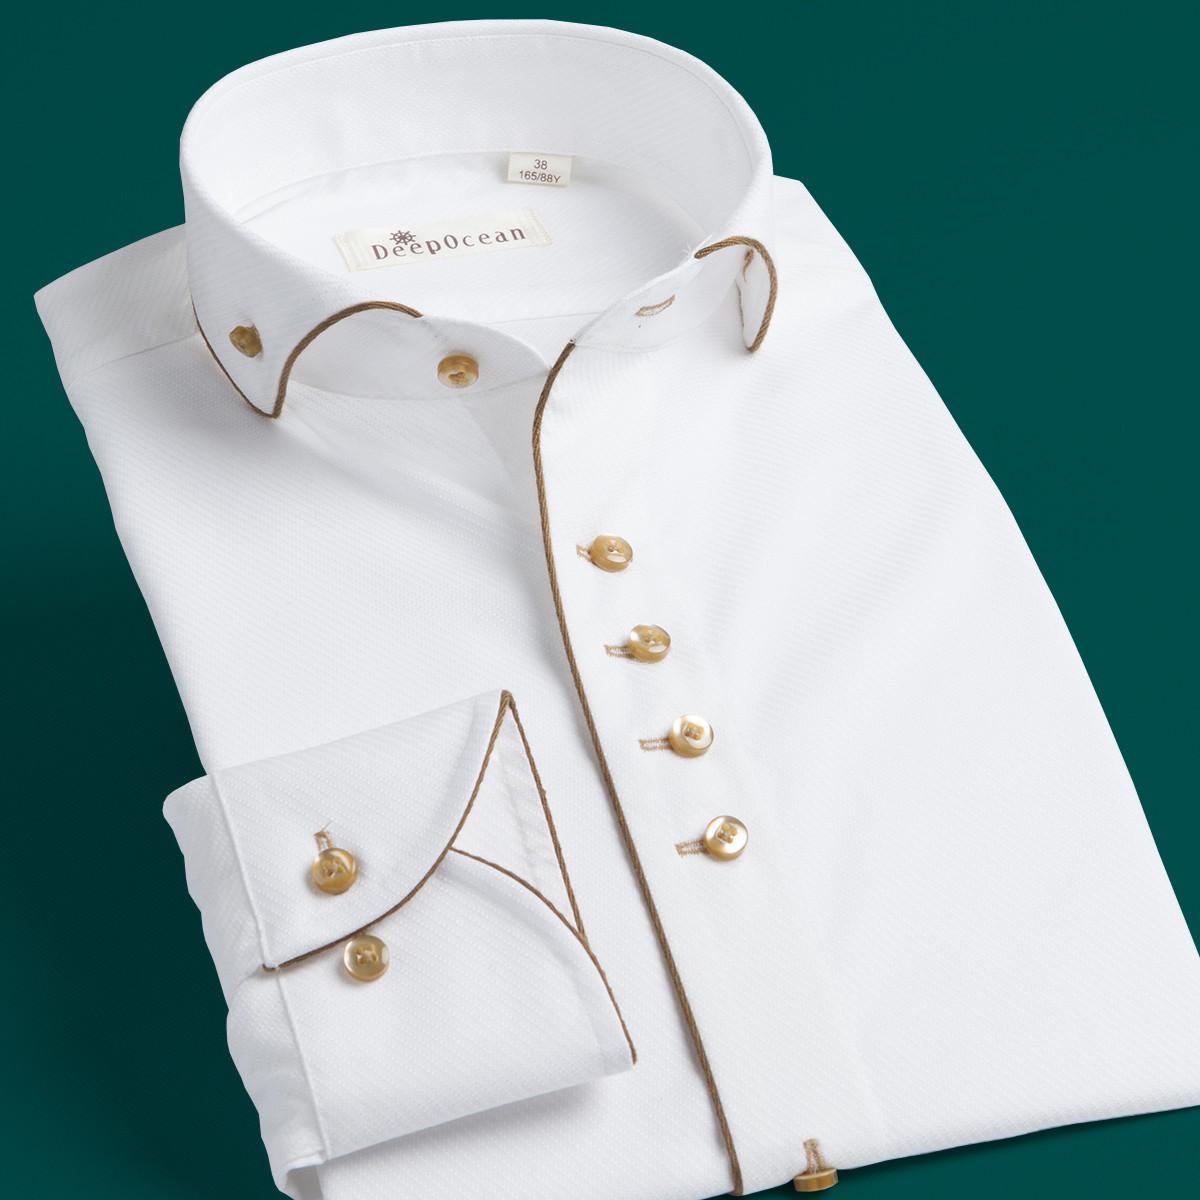 男士商务衬衫 深海温莎领白衬衫男士长袖商务绅士修身英伦宫廷礼服衬衣小圆立领_推荐淘宝好看的男商务衬衫